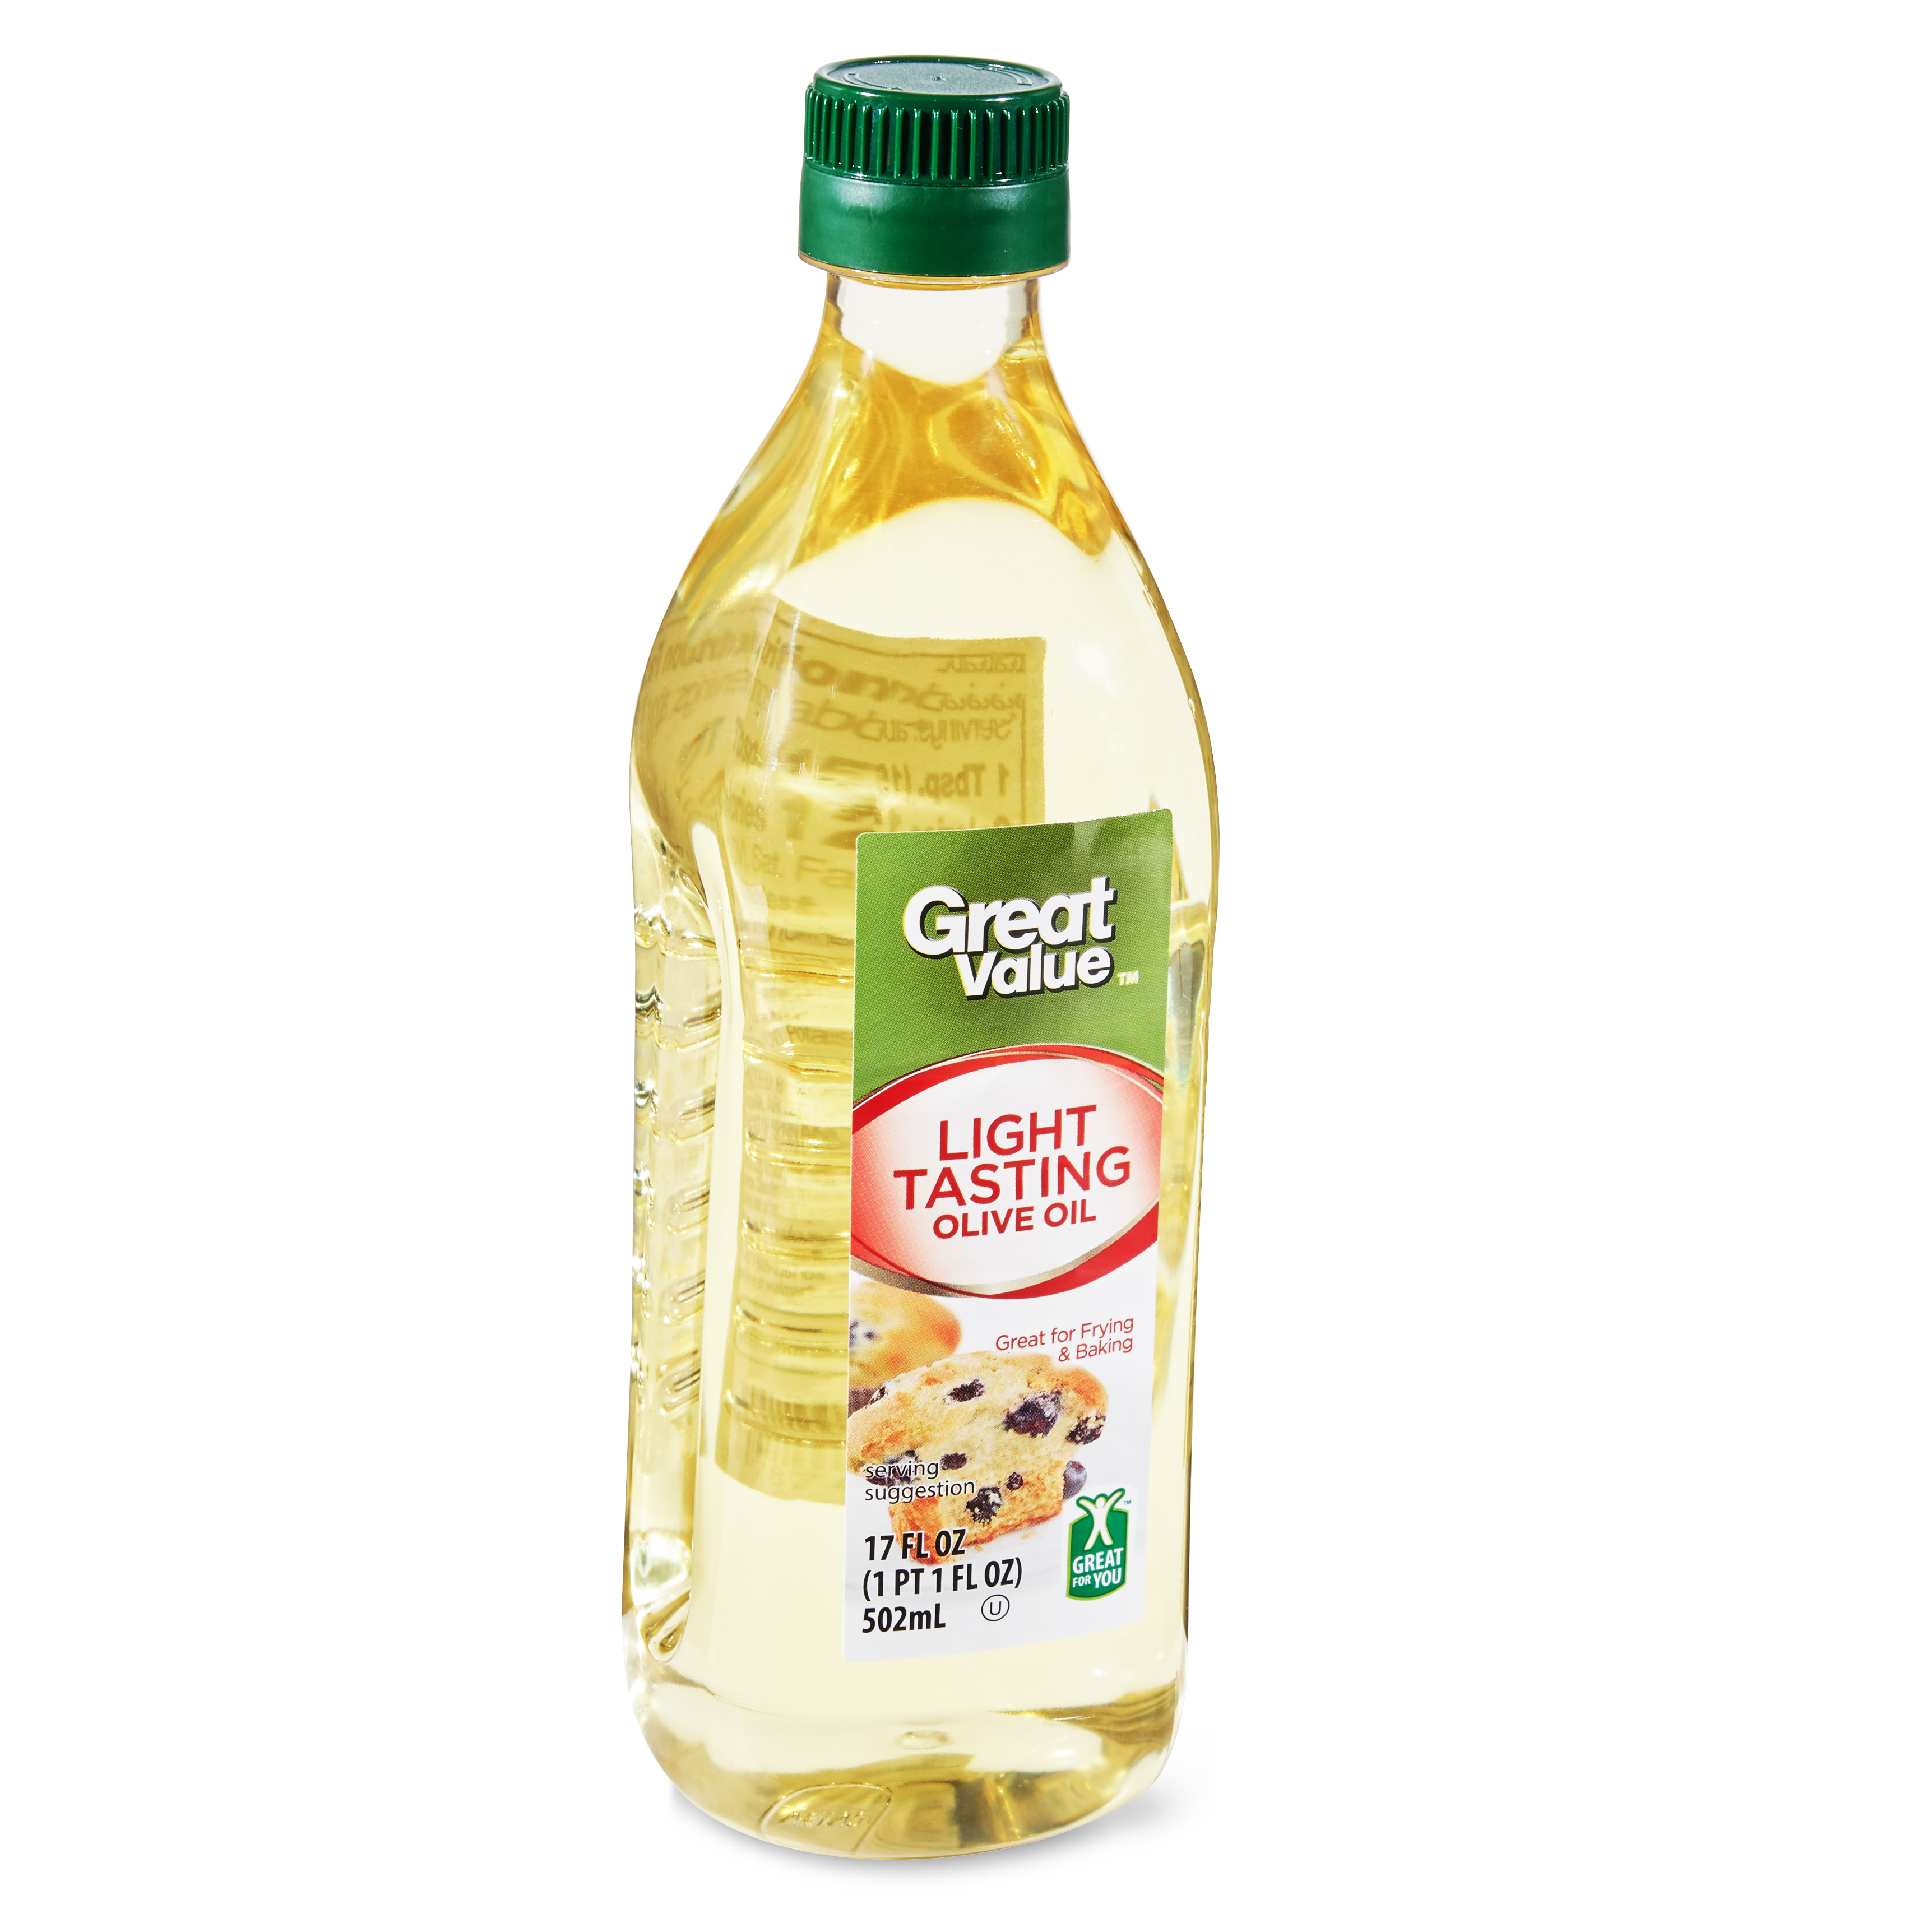 (3 Pack) Great Value Light Tasting Olive Oil, 17 fl oz